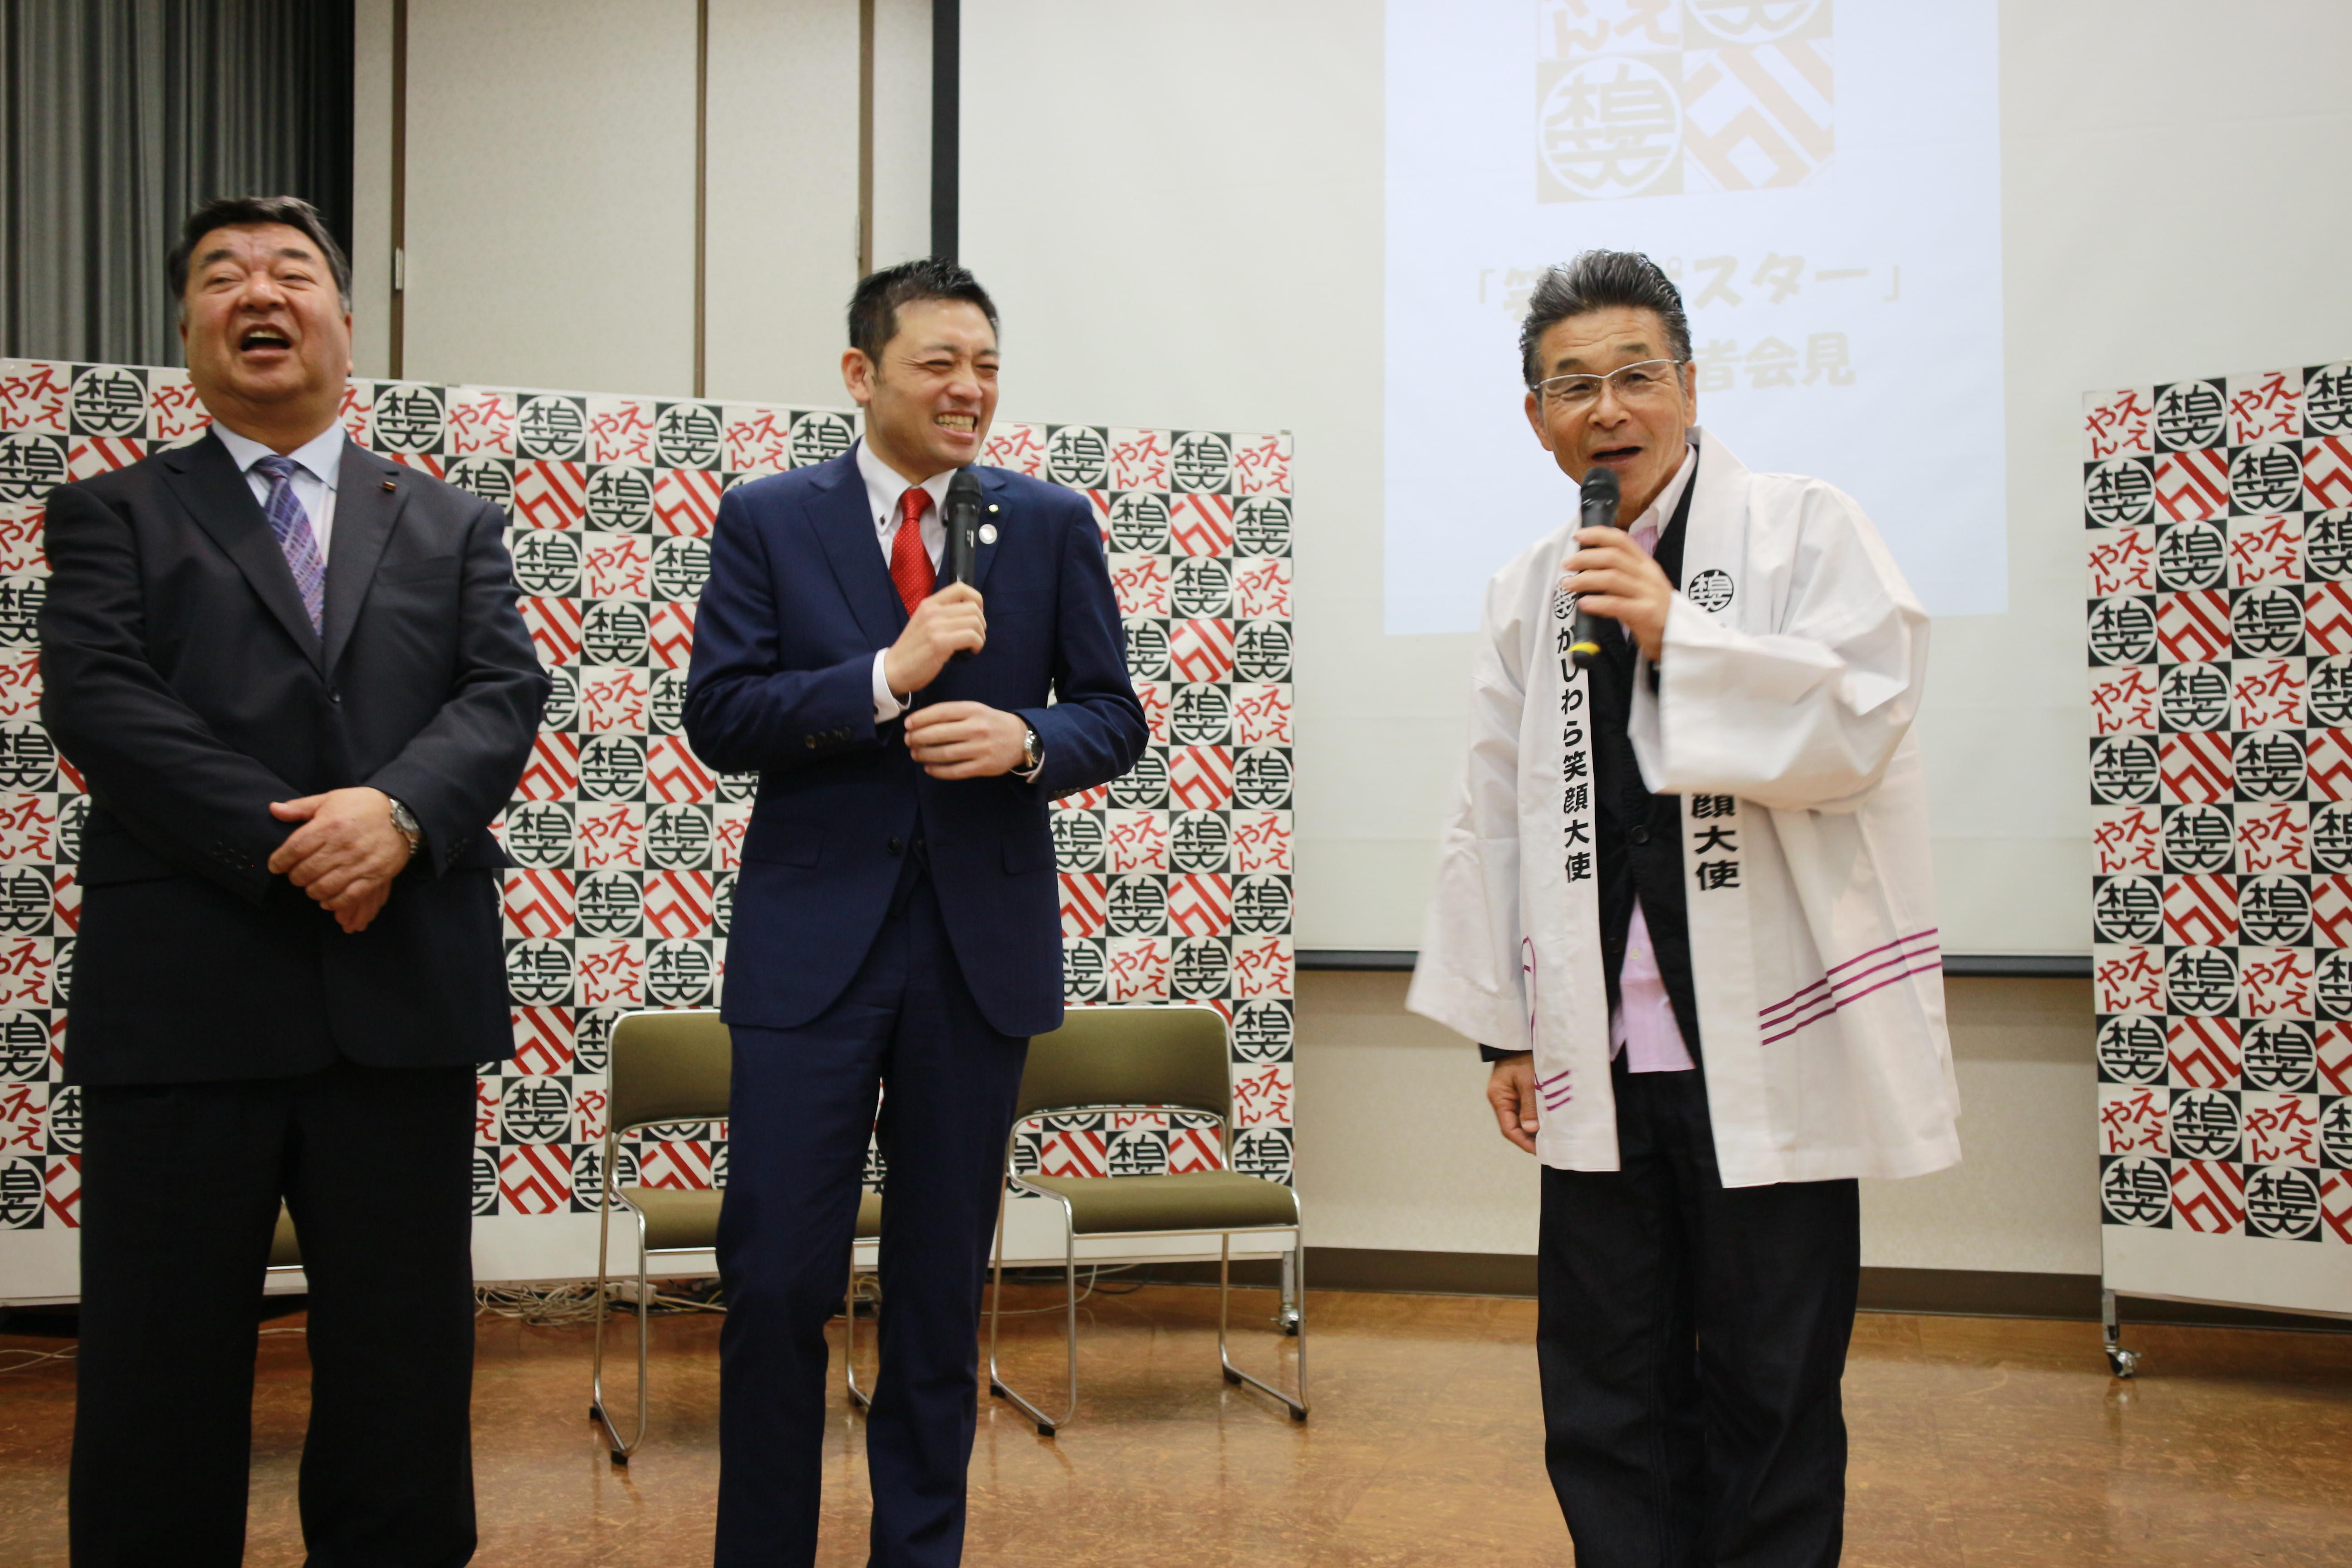 http://news.yoshimoto.co.jp/20180429224937-bf3bf25928b81fe445bc3a7424117e8c7784143b.jpg